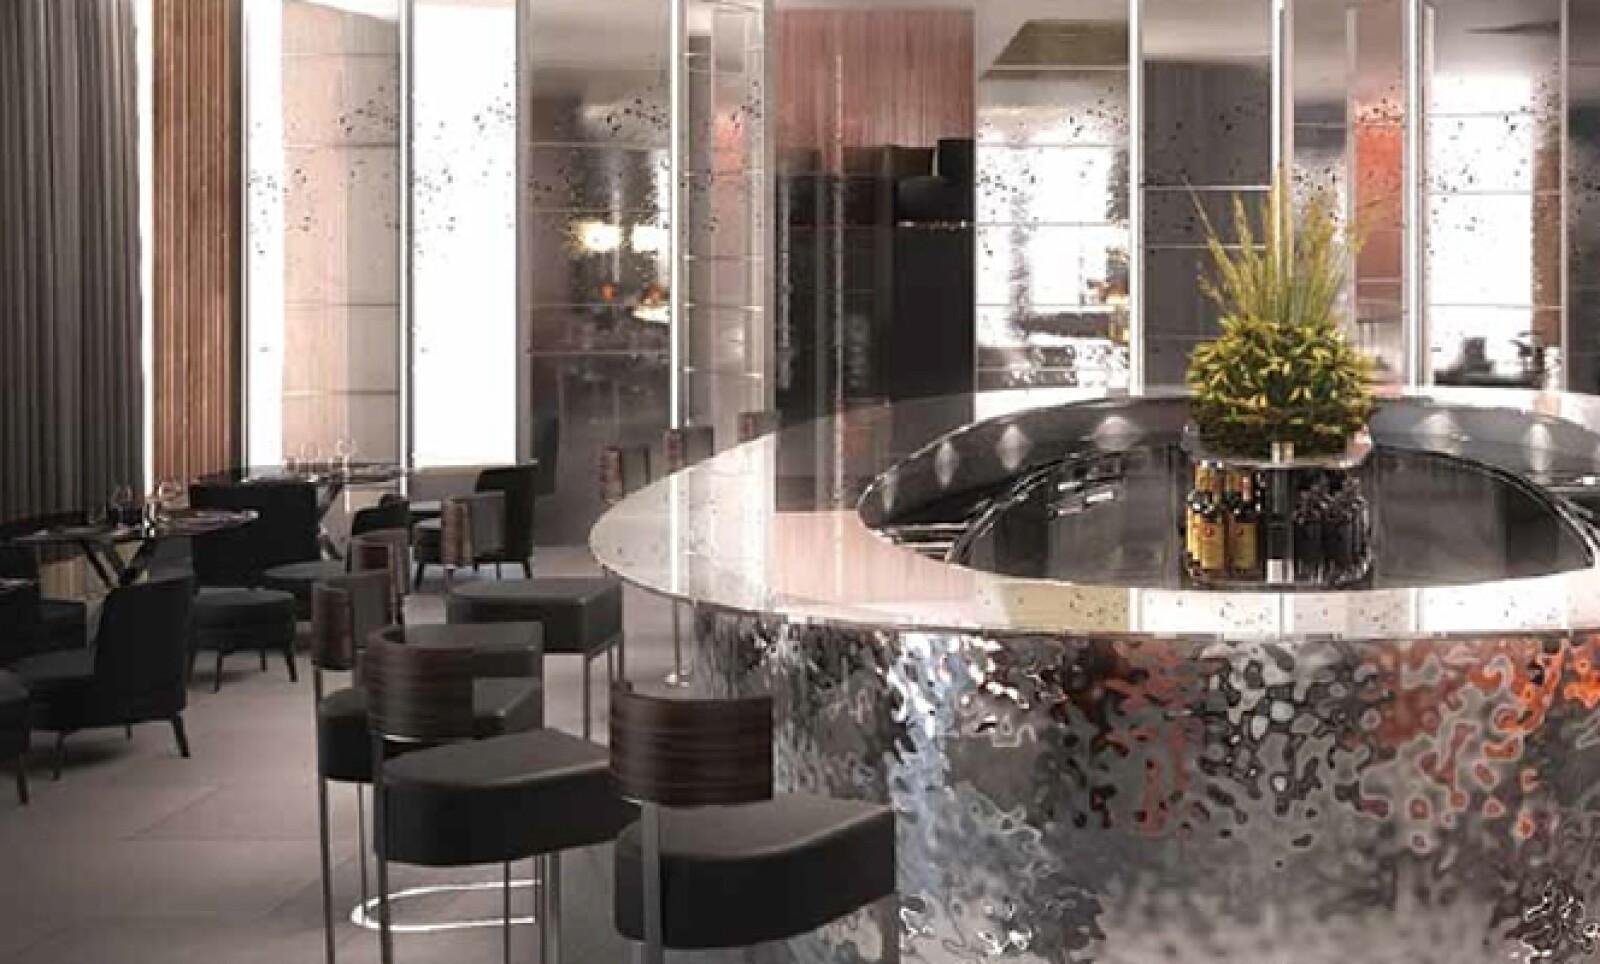 Este resort fue construido en la zona de Knightsbridge, una de las más exclusivas de Londres.